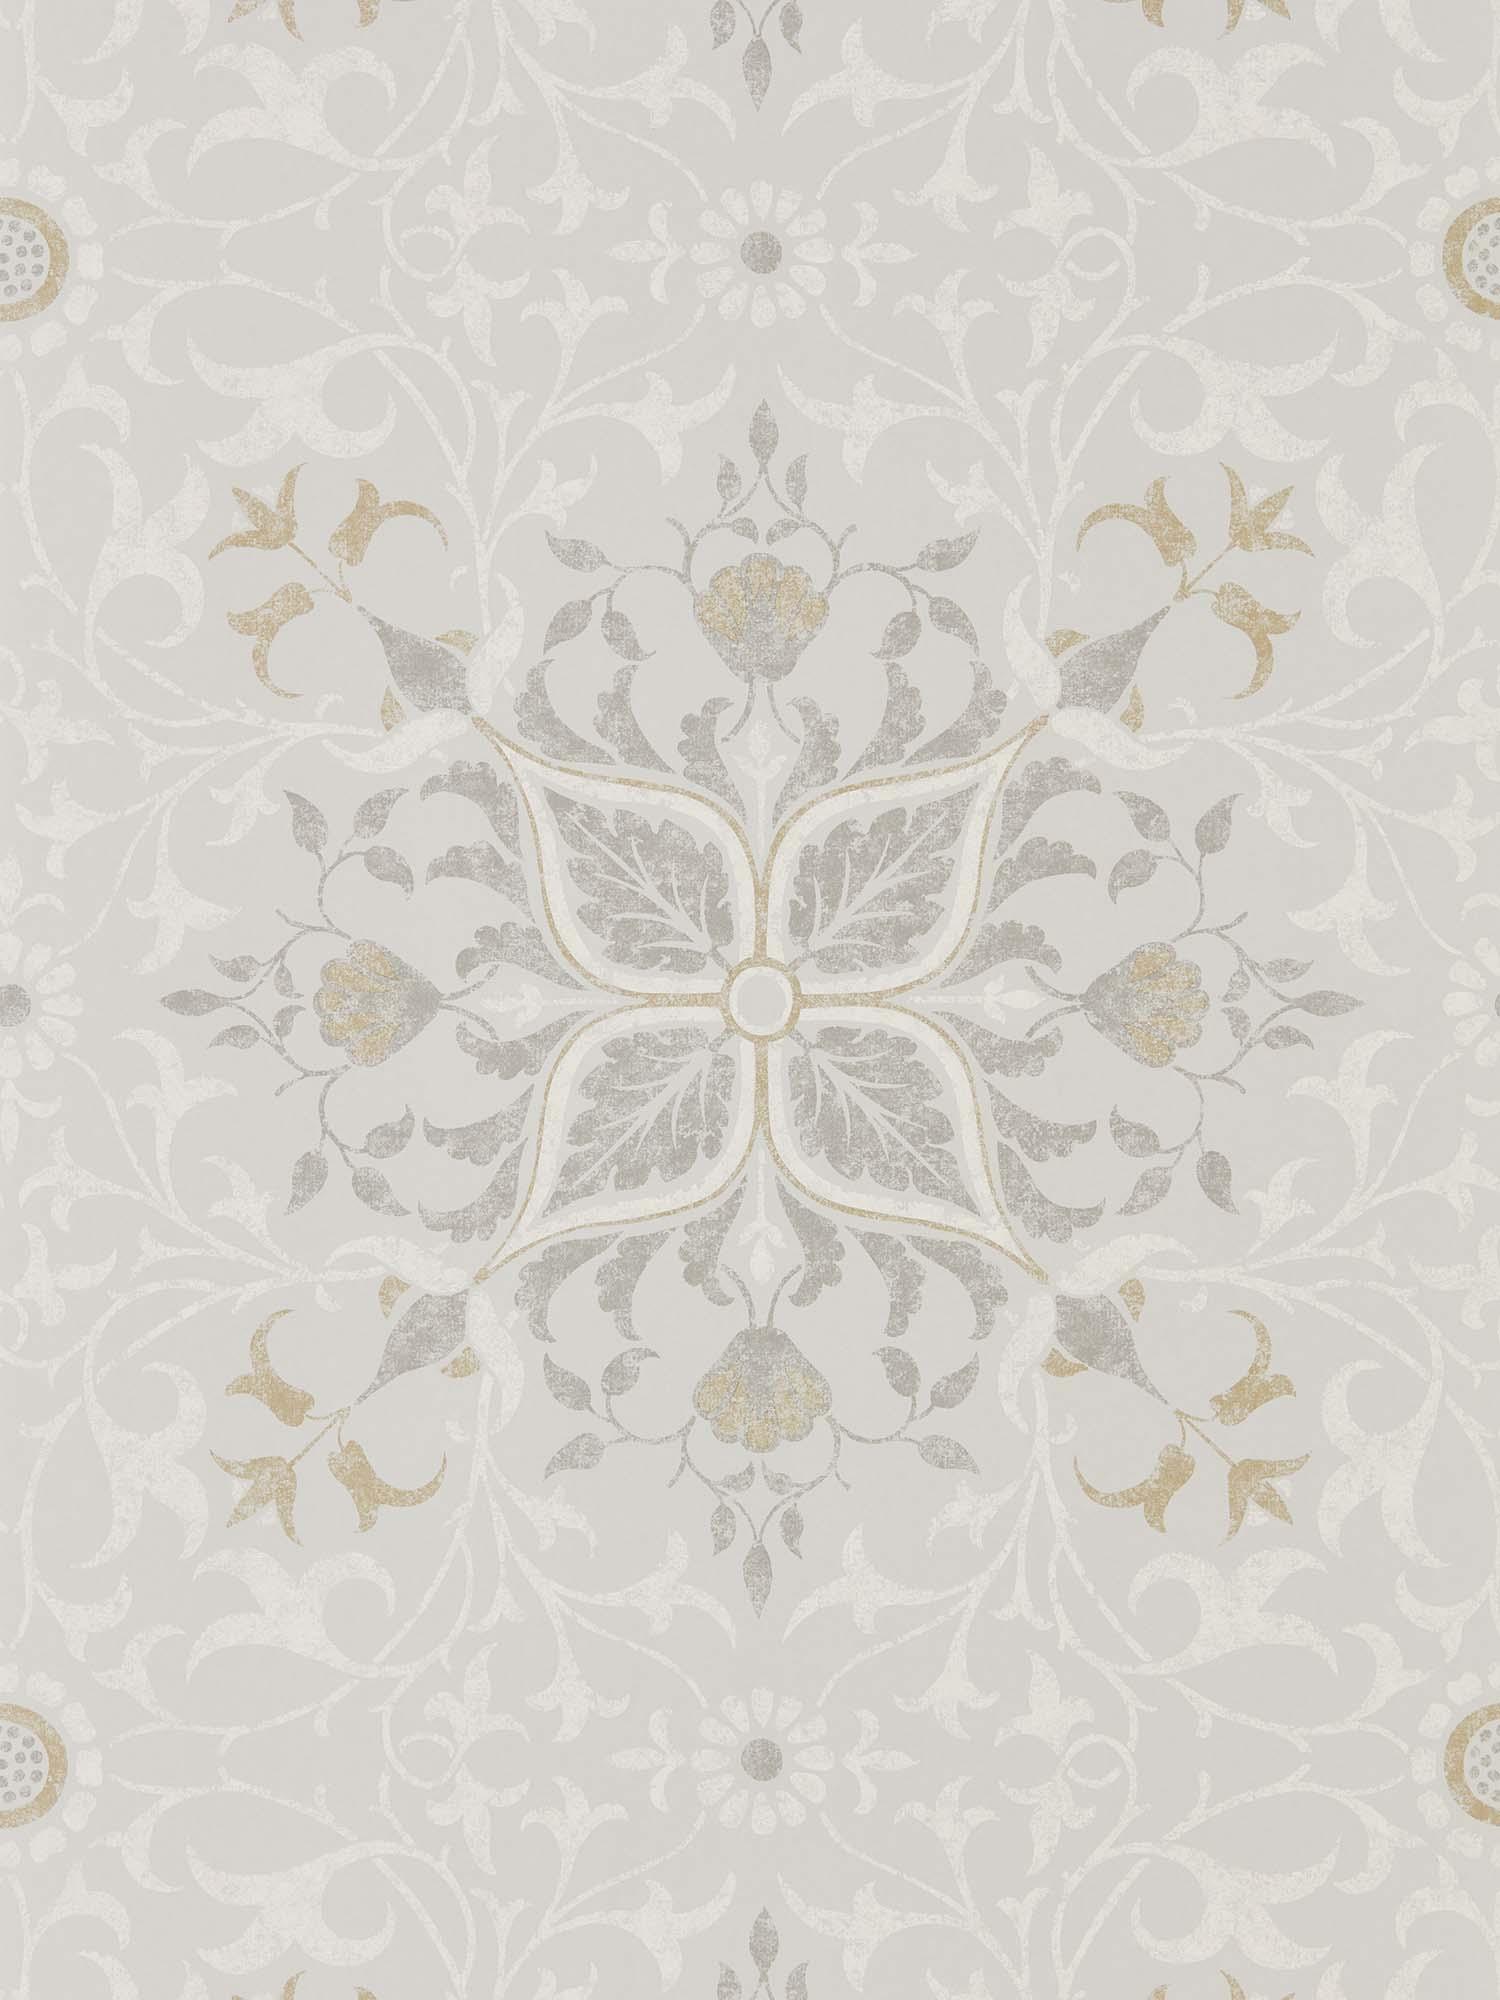 ウィリアムモリス壁紙 Pure Net Ceiling 216037